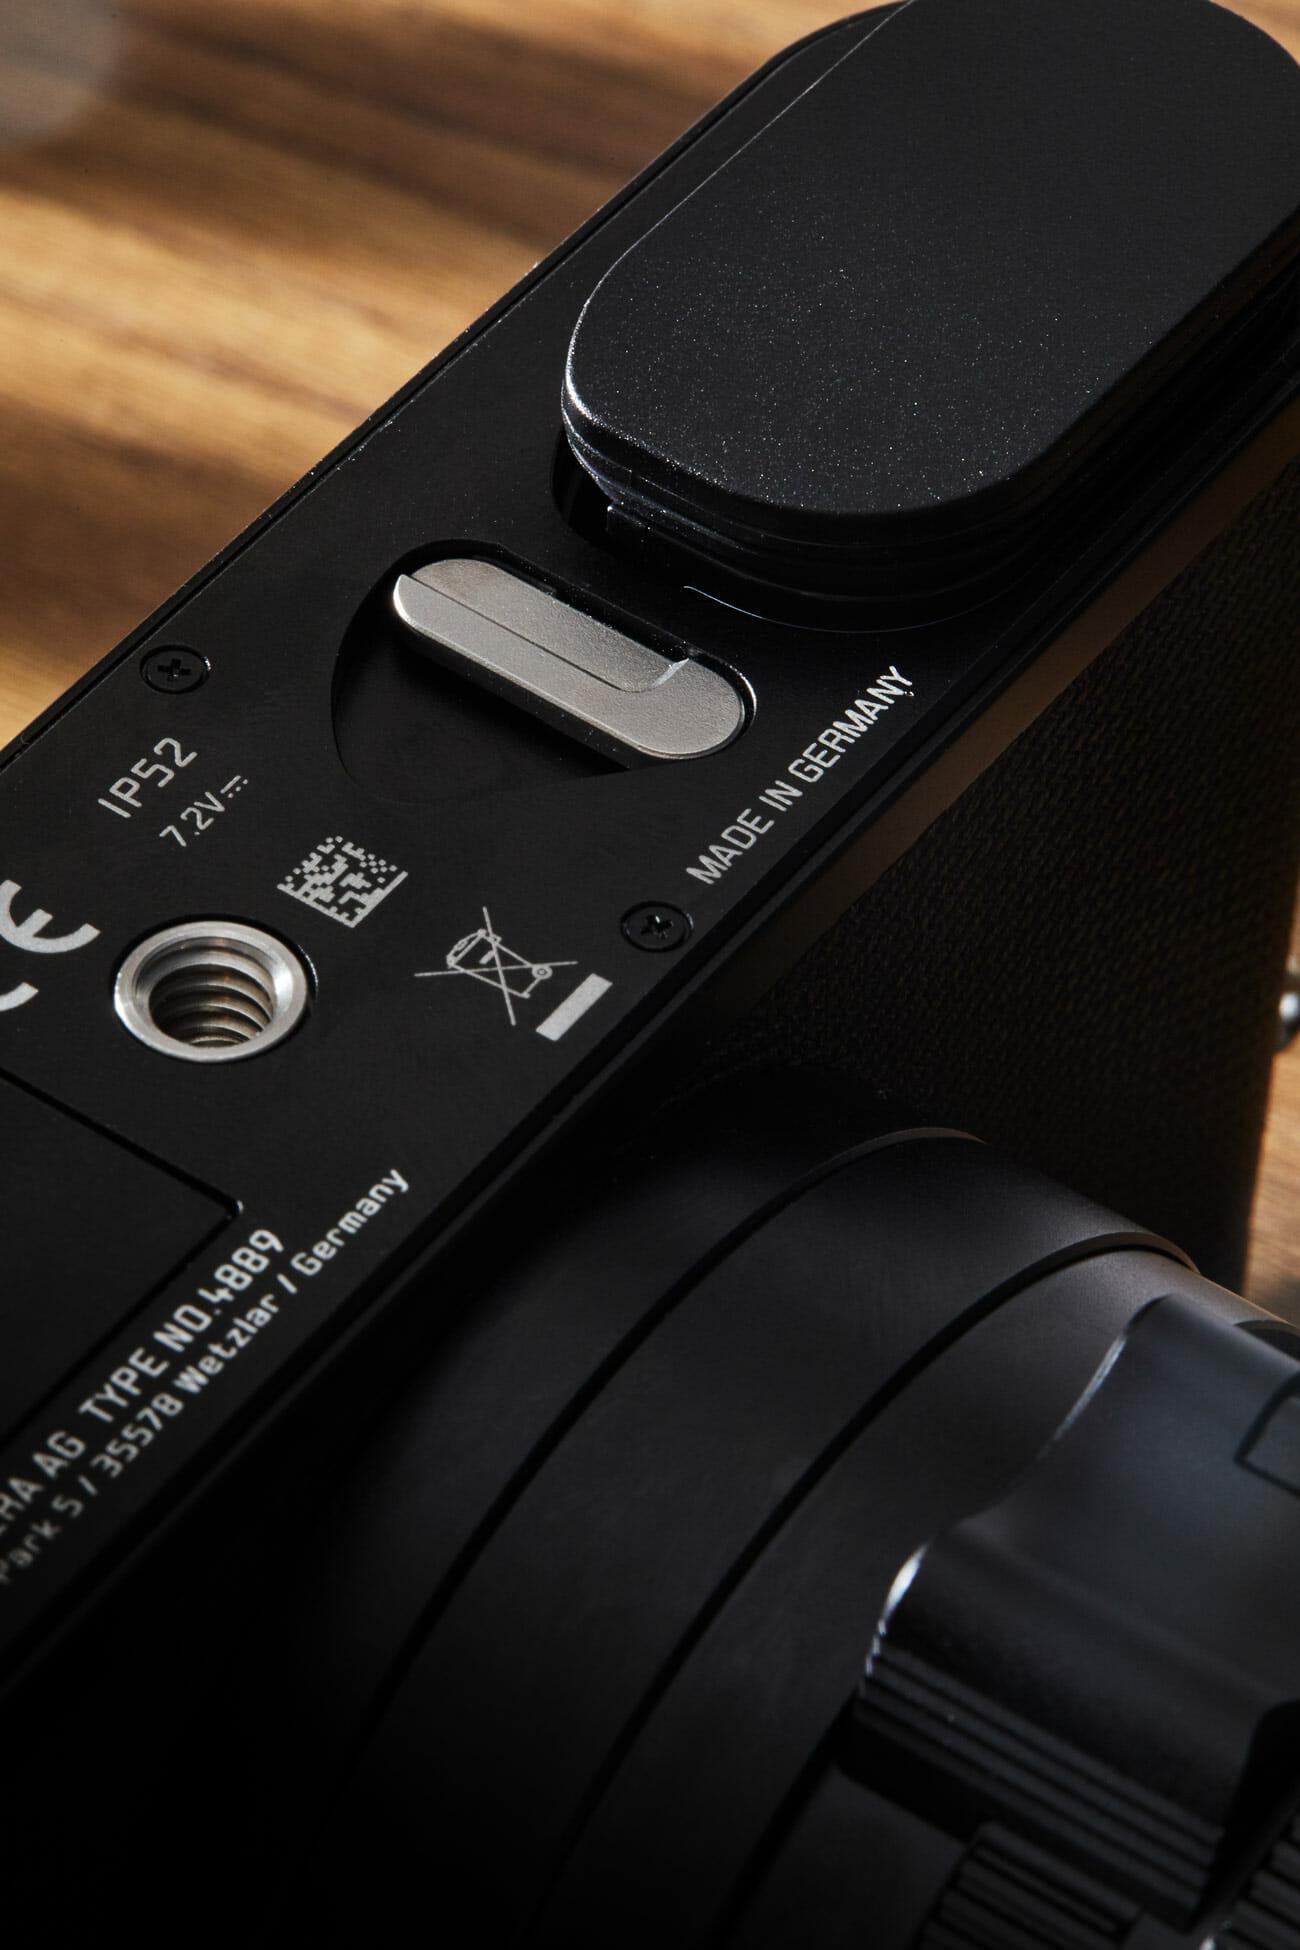 Leica Q2 Review Bottom